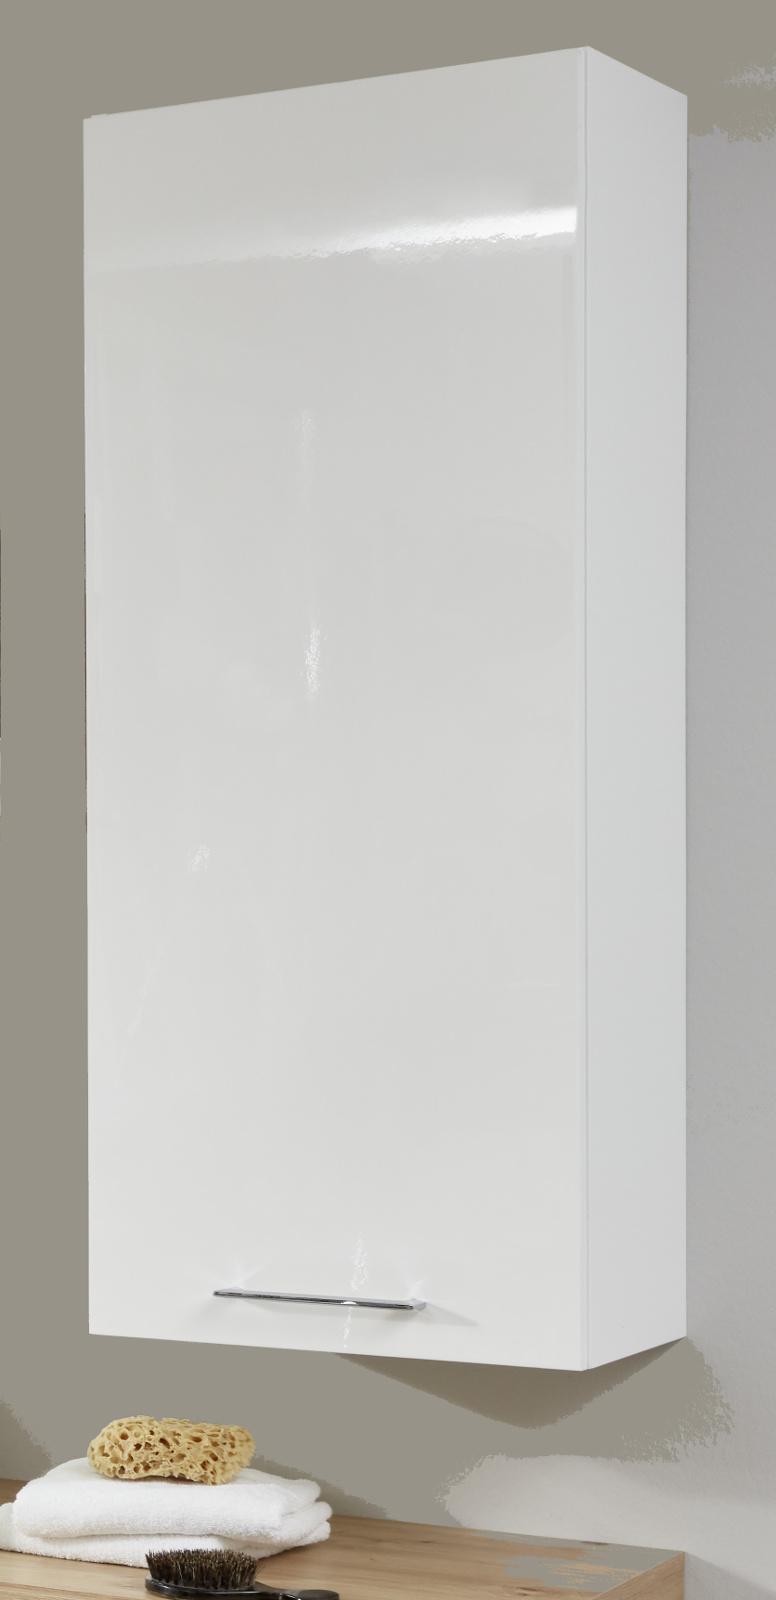 Badmobel Hangeschrank One Hochglanz Weiss Lack 45 Cm